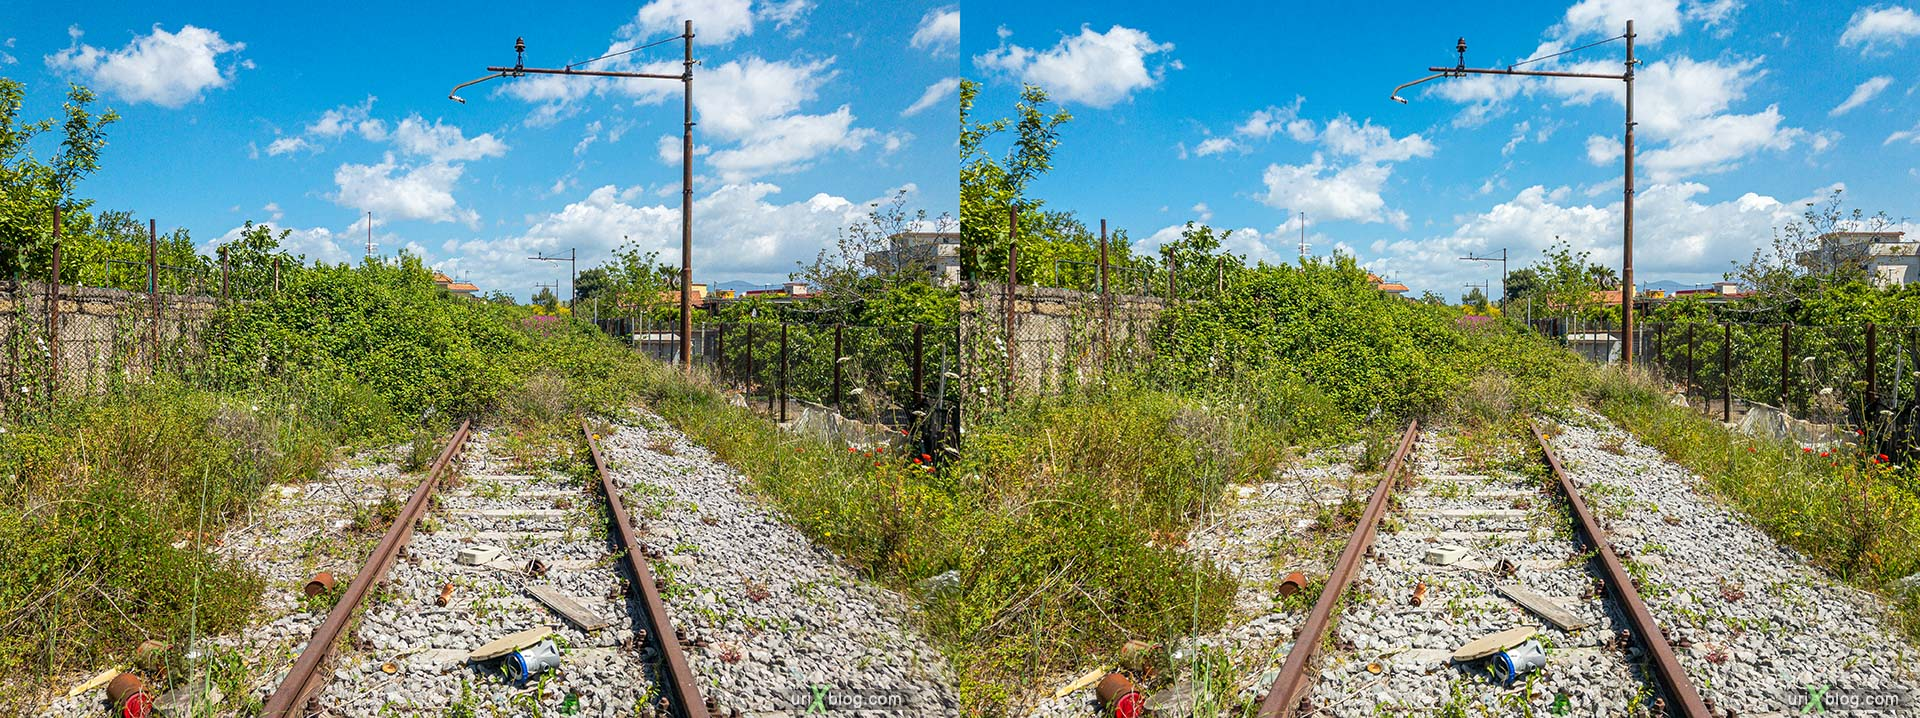 железная дорога, Торре-Аннунциата, Италия, 3D, перекрёстная стереопара, стерео, стереопара